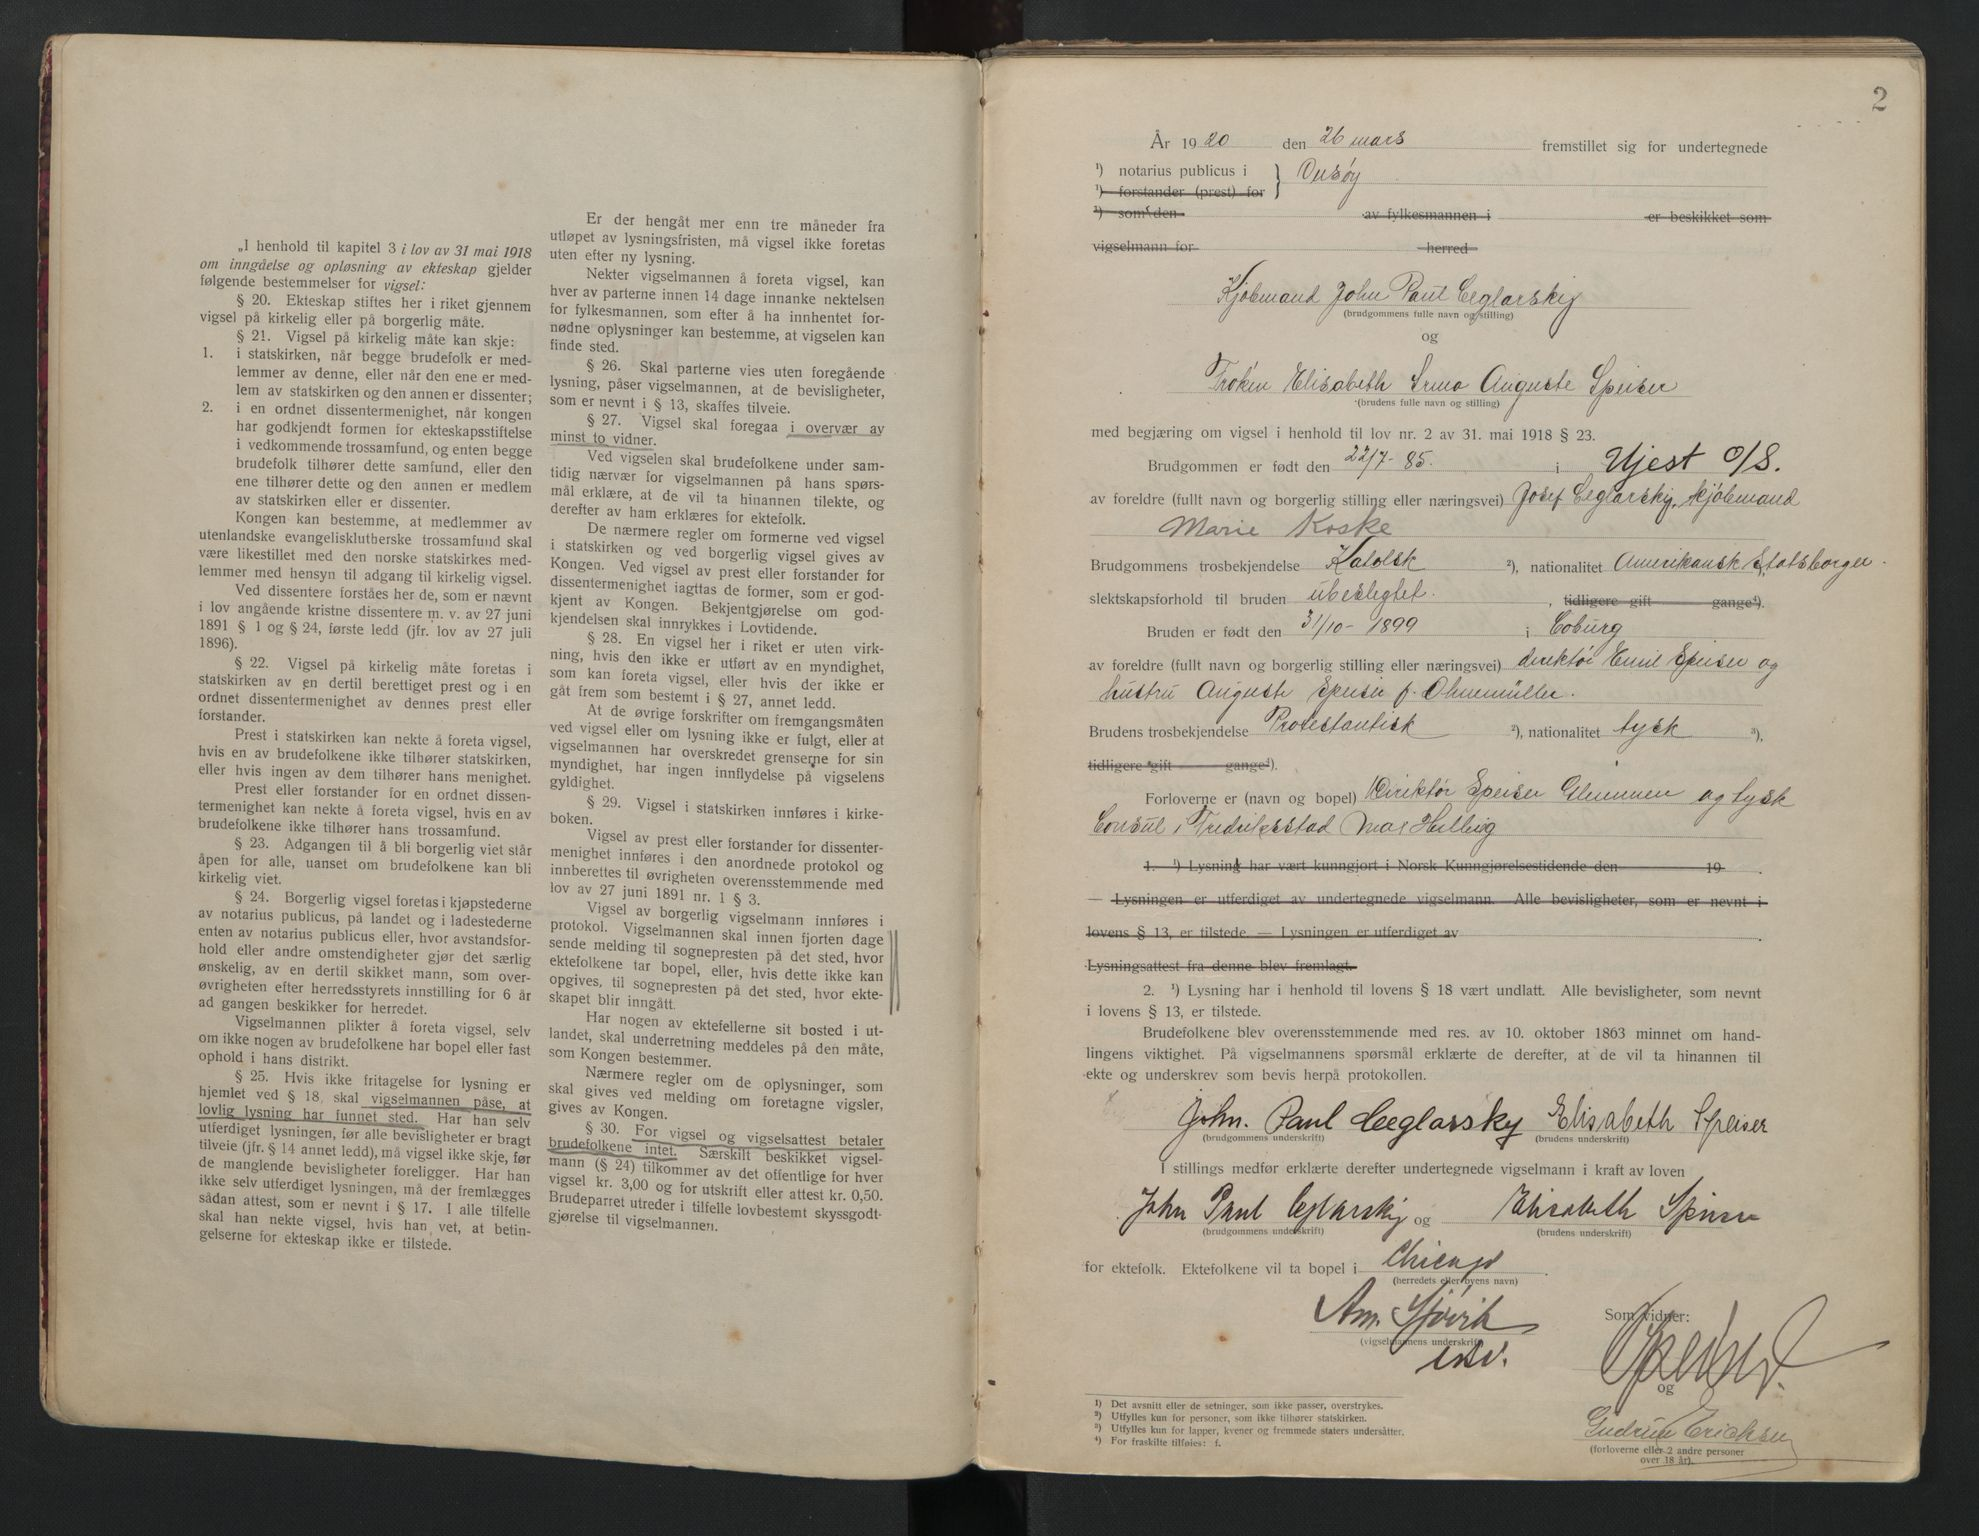 SAO, Onsøy sorenskriveri, L/La/L0001: Vigselsbok, 1920-1942, s. 2